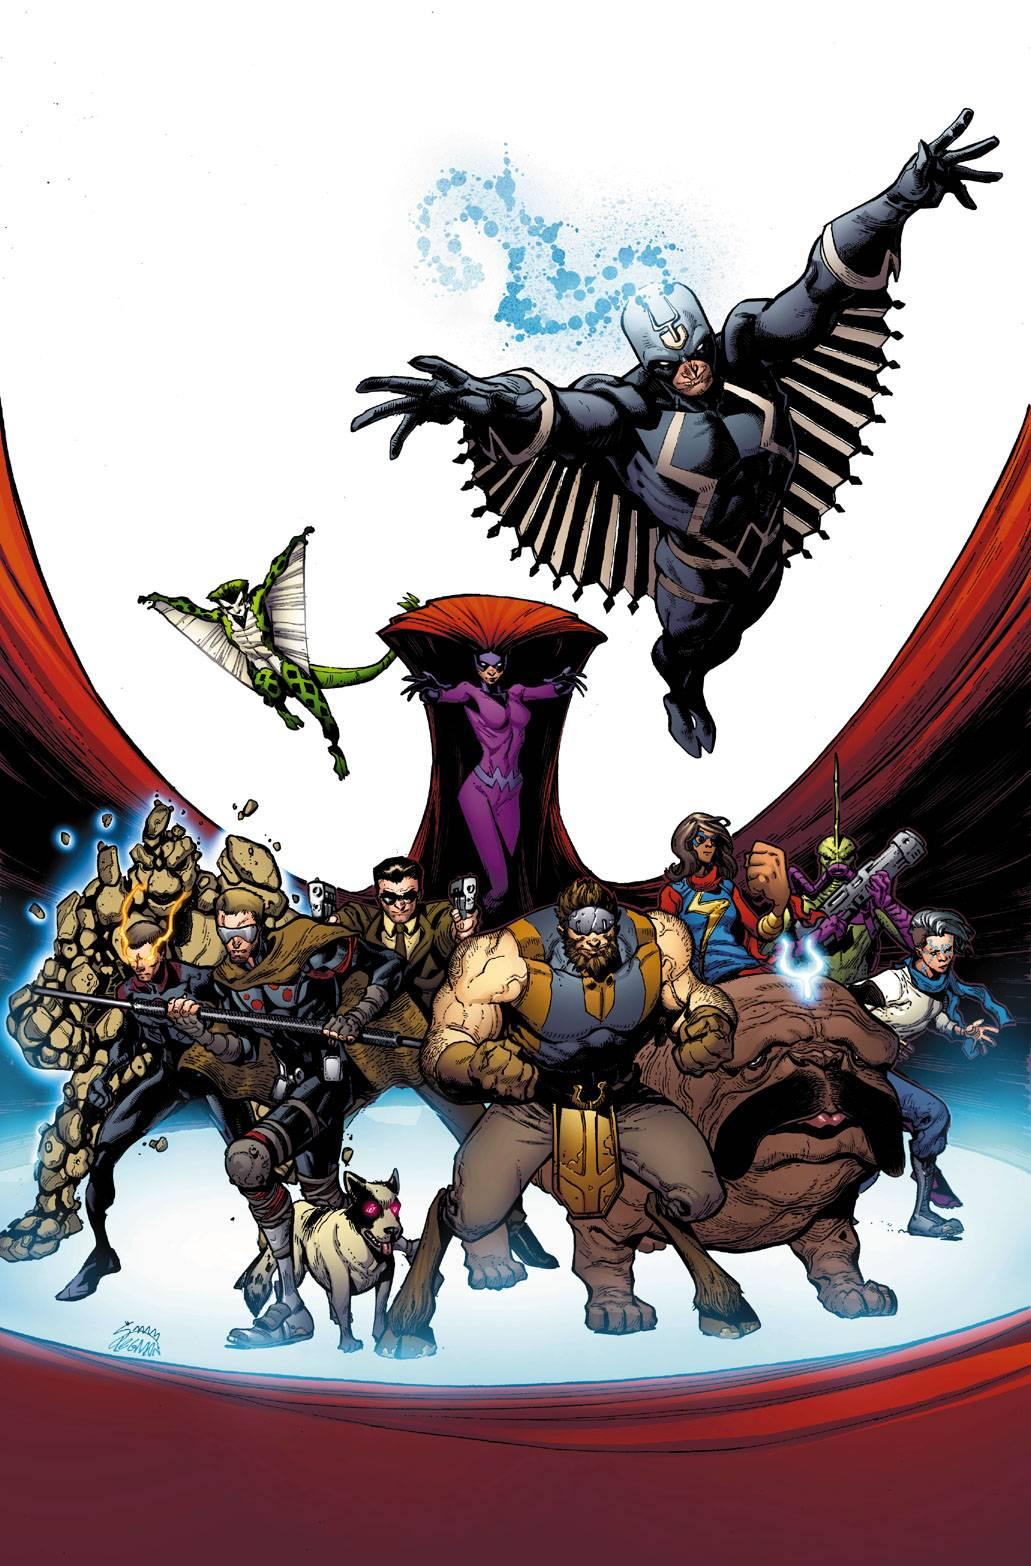 Inhumans (Inhomo supremis)